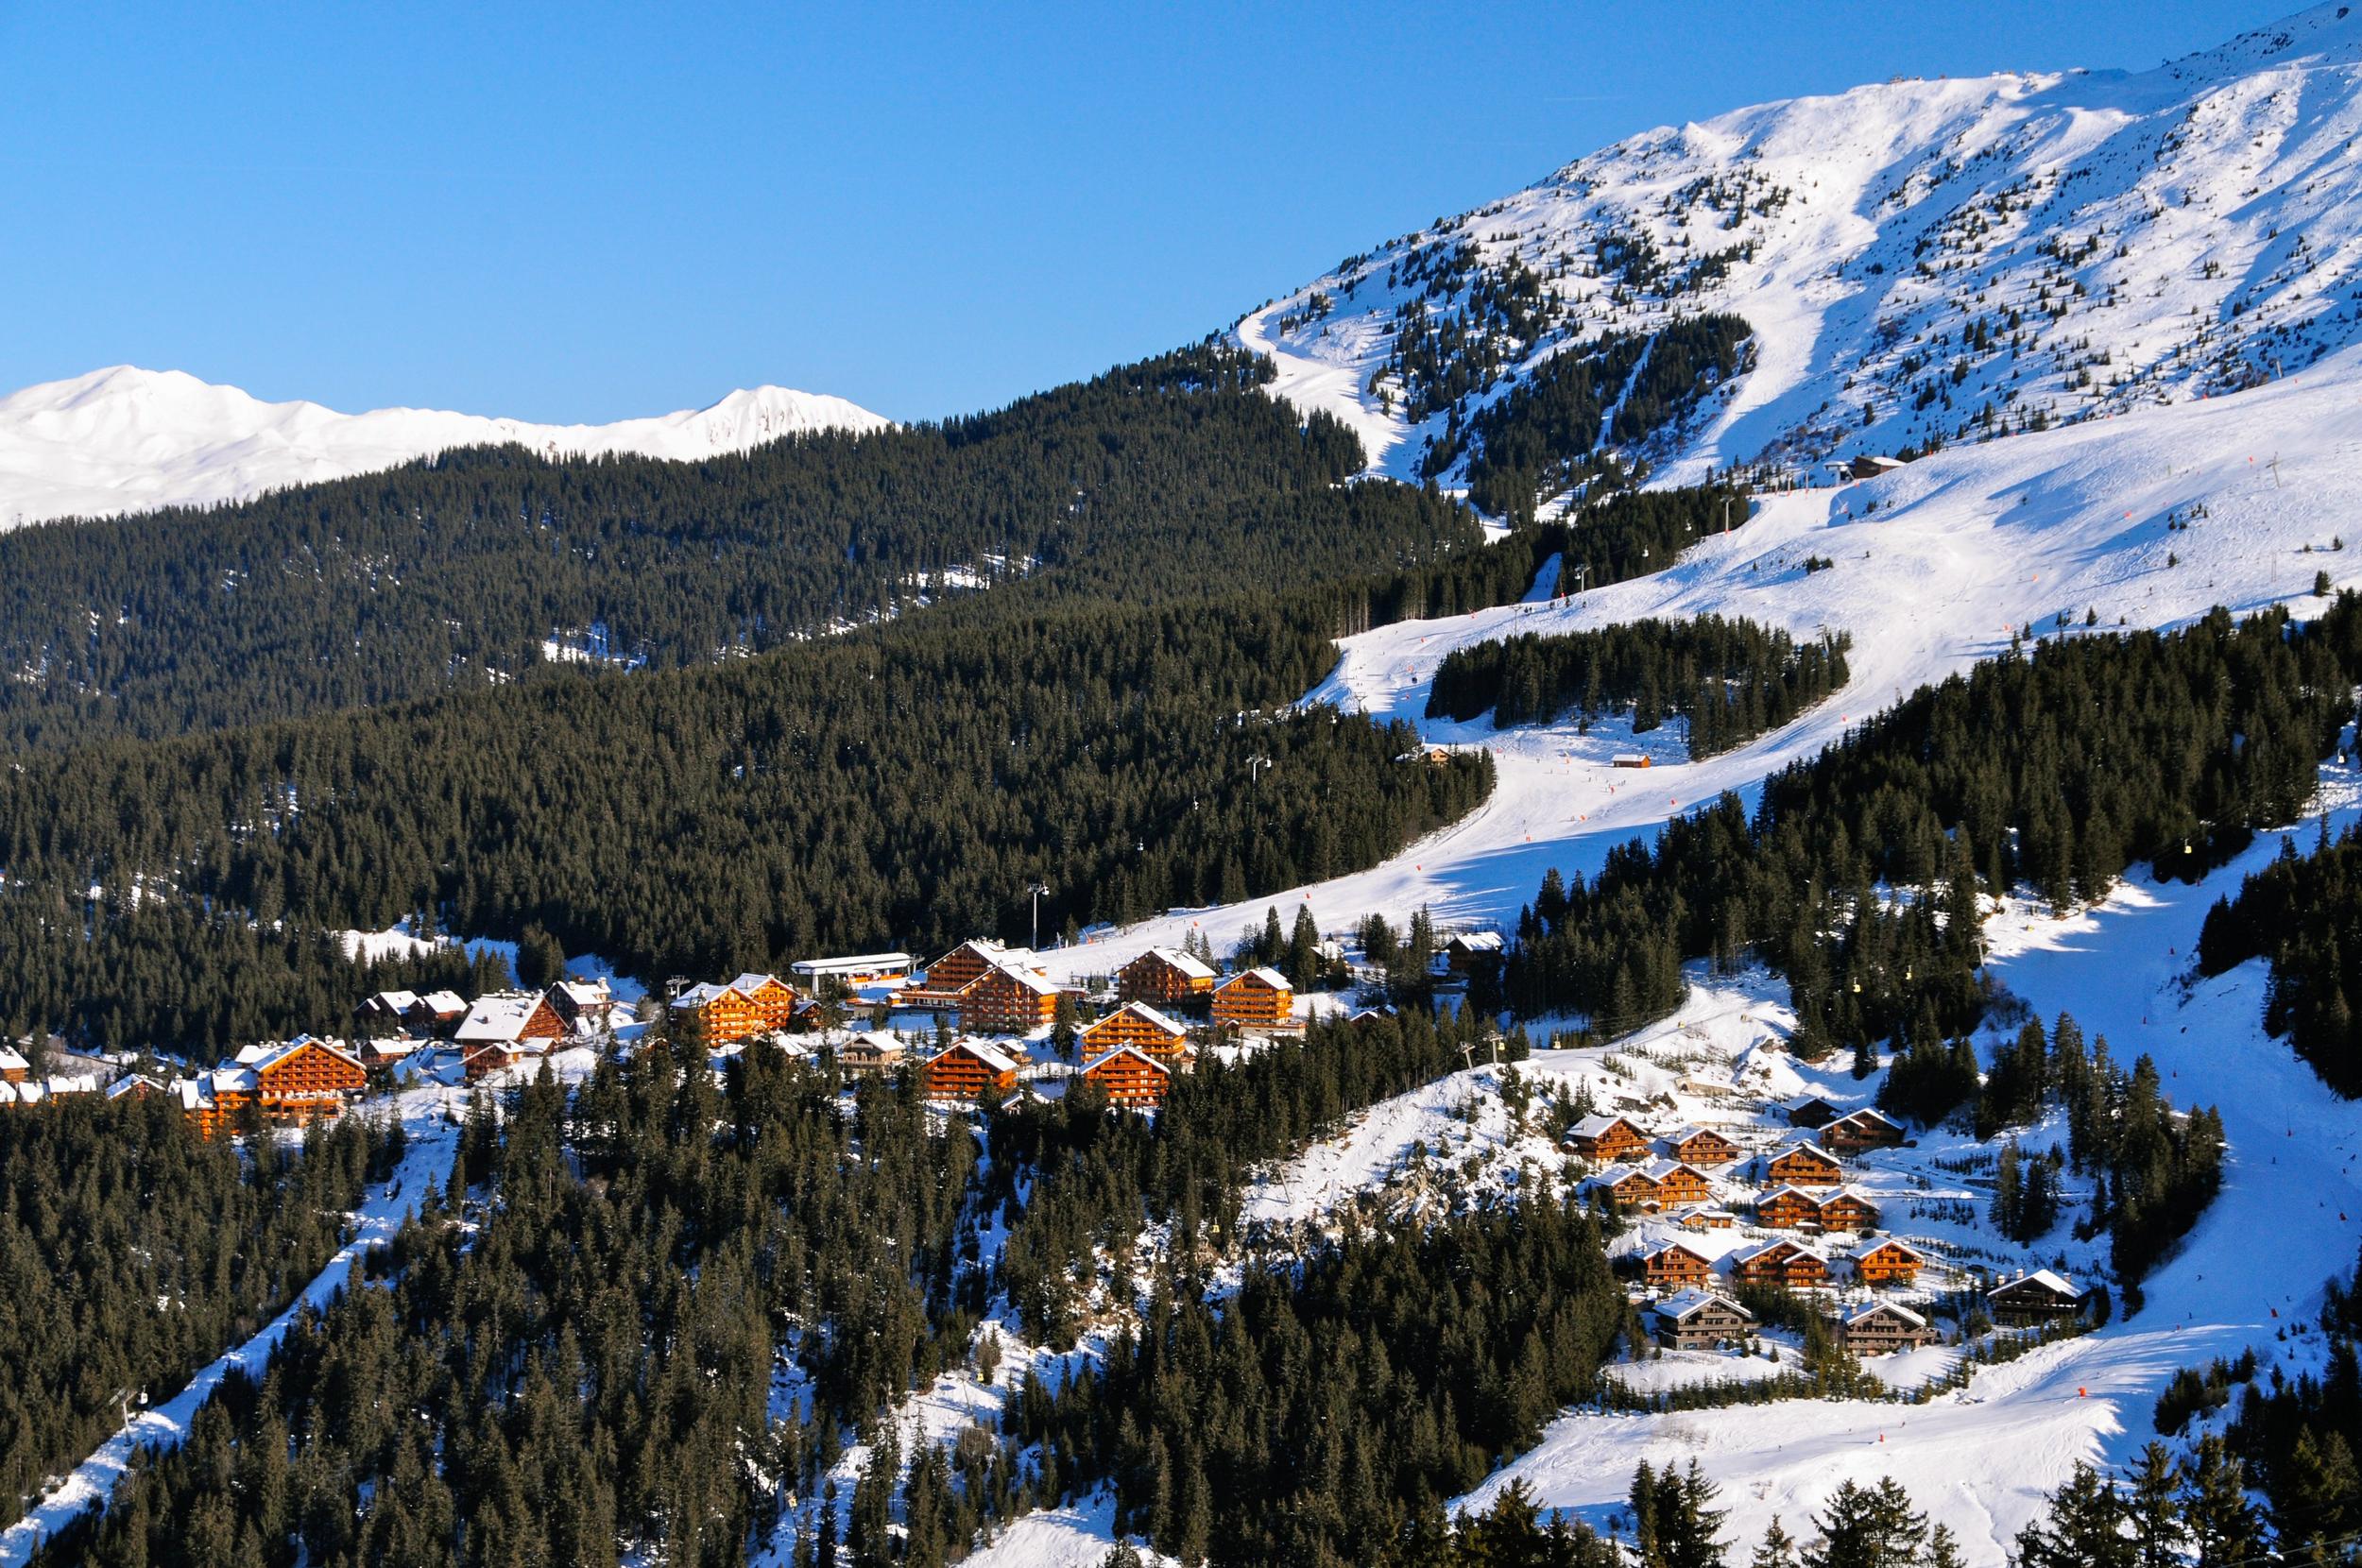 courchevel-resort